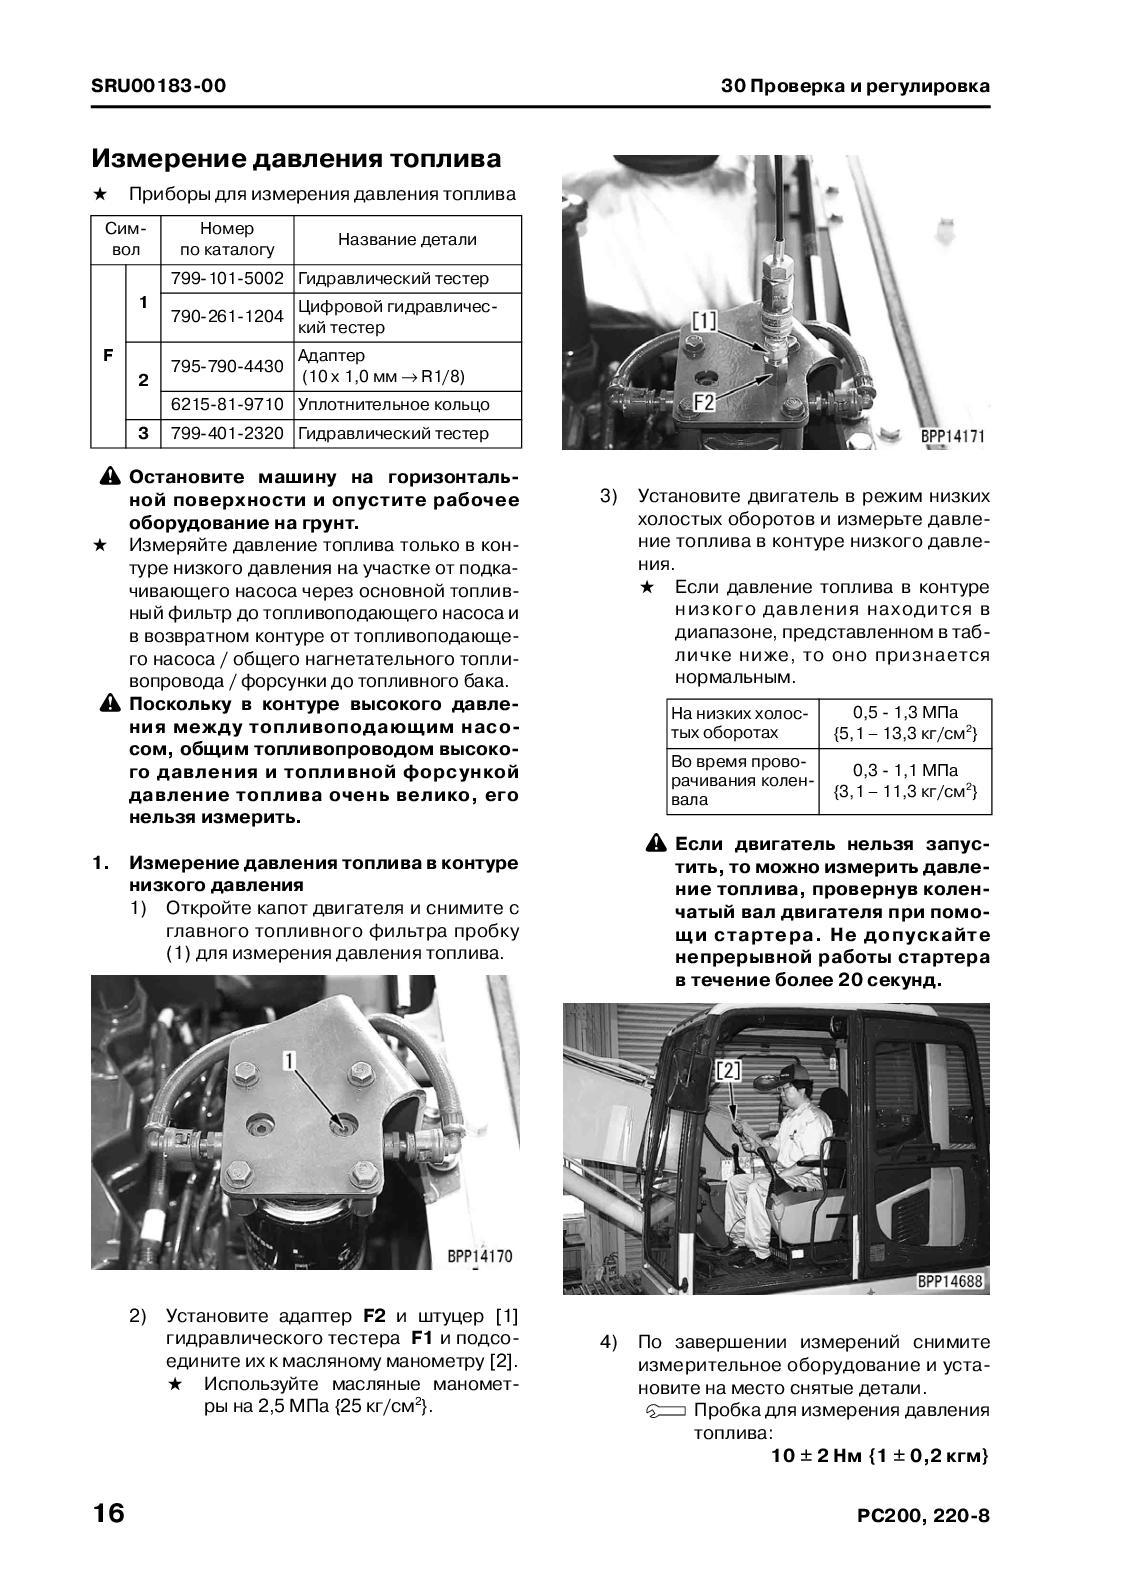 [Sm] Pc200 8 Ru Sru00160 00 364 726